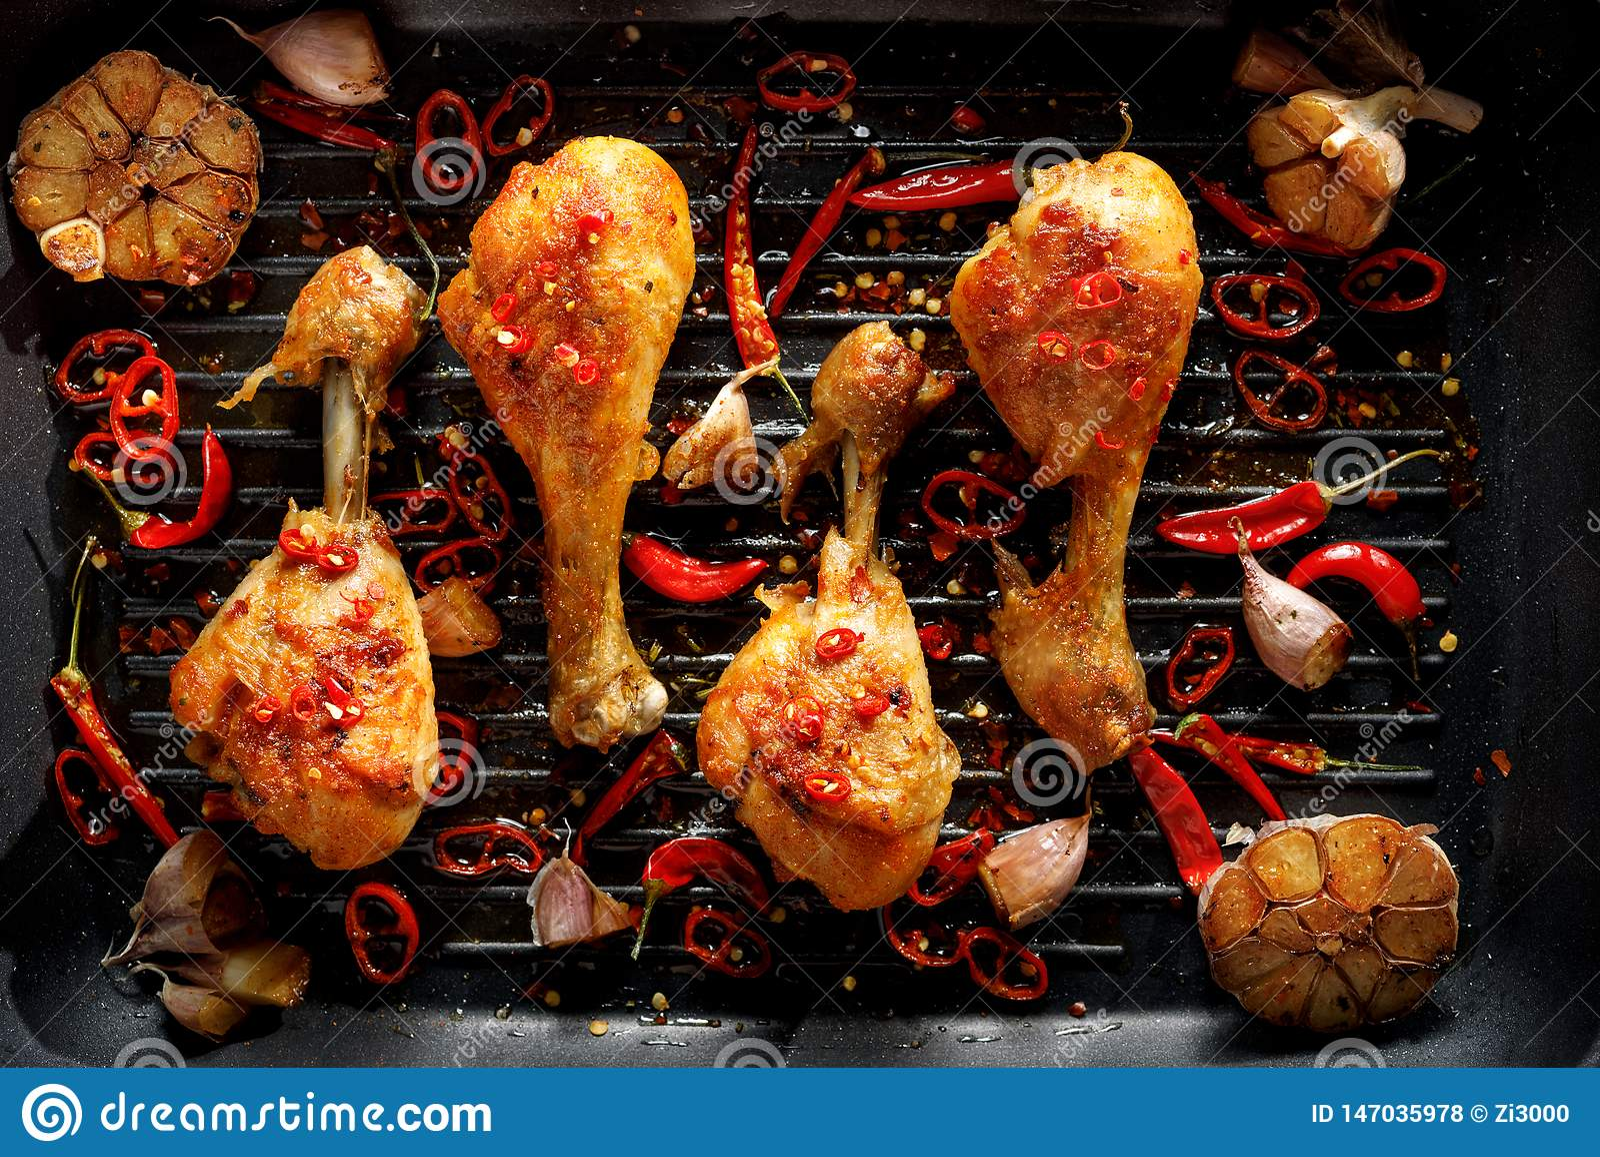 Pés de galinha grelhados picantes, pilões com a adição de pimentas de pimentão, alho e ervas na placa da grade, vista superior